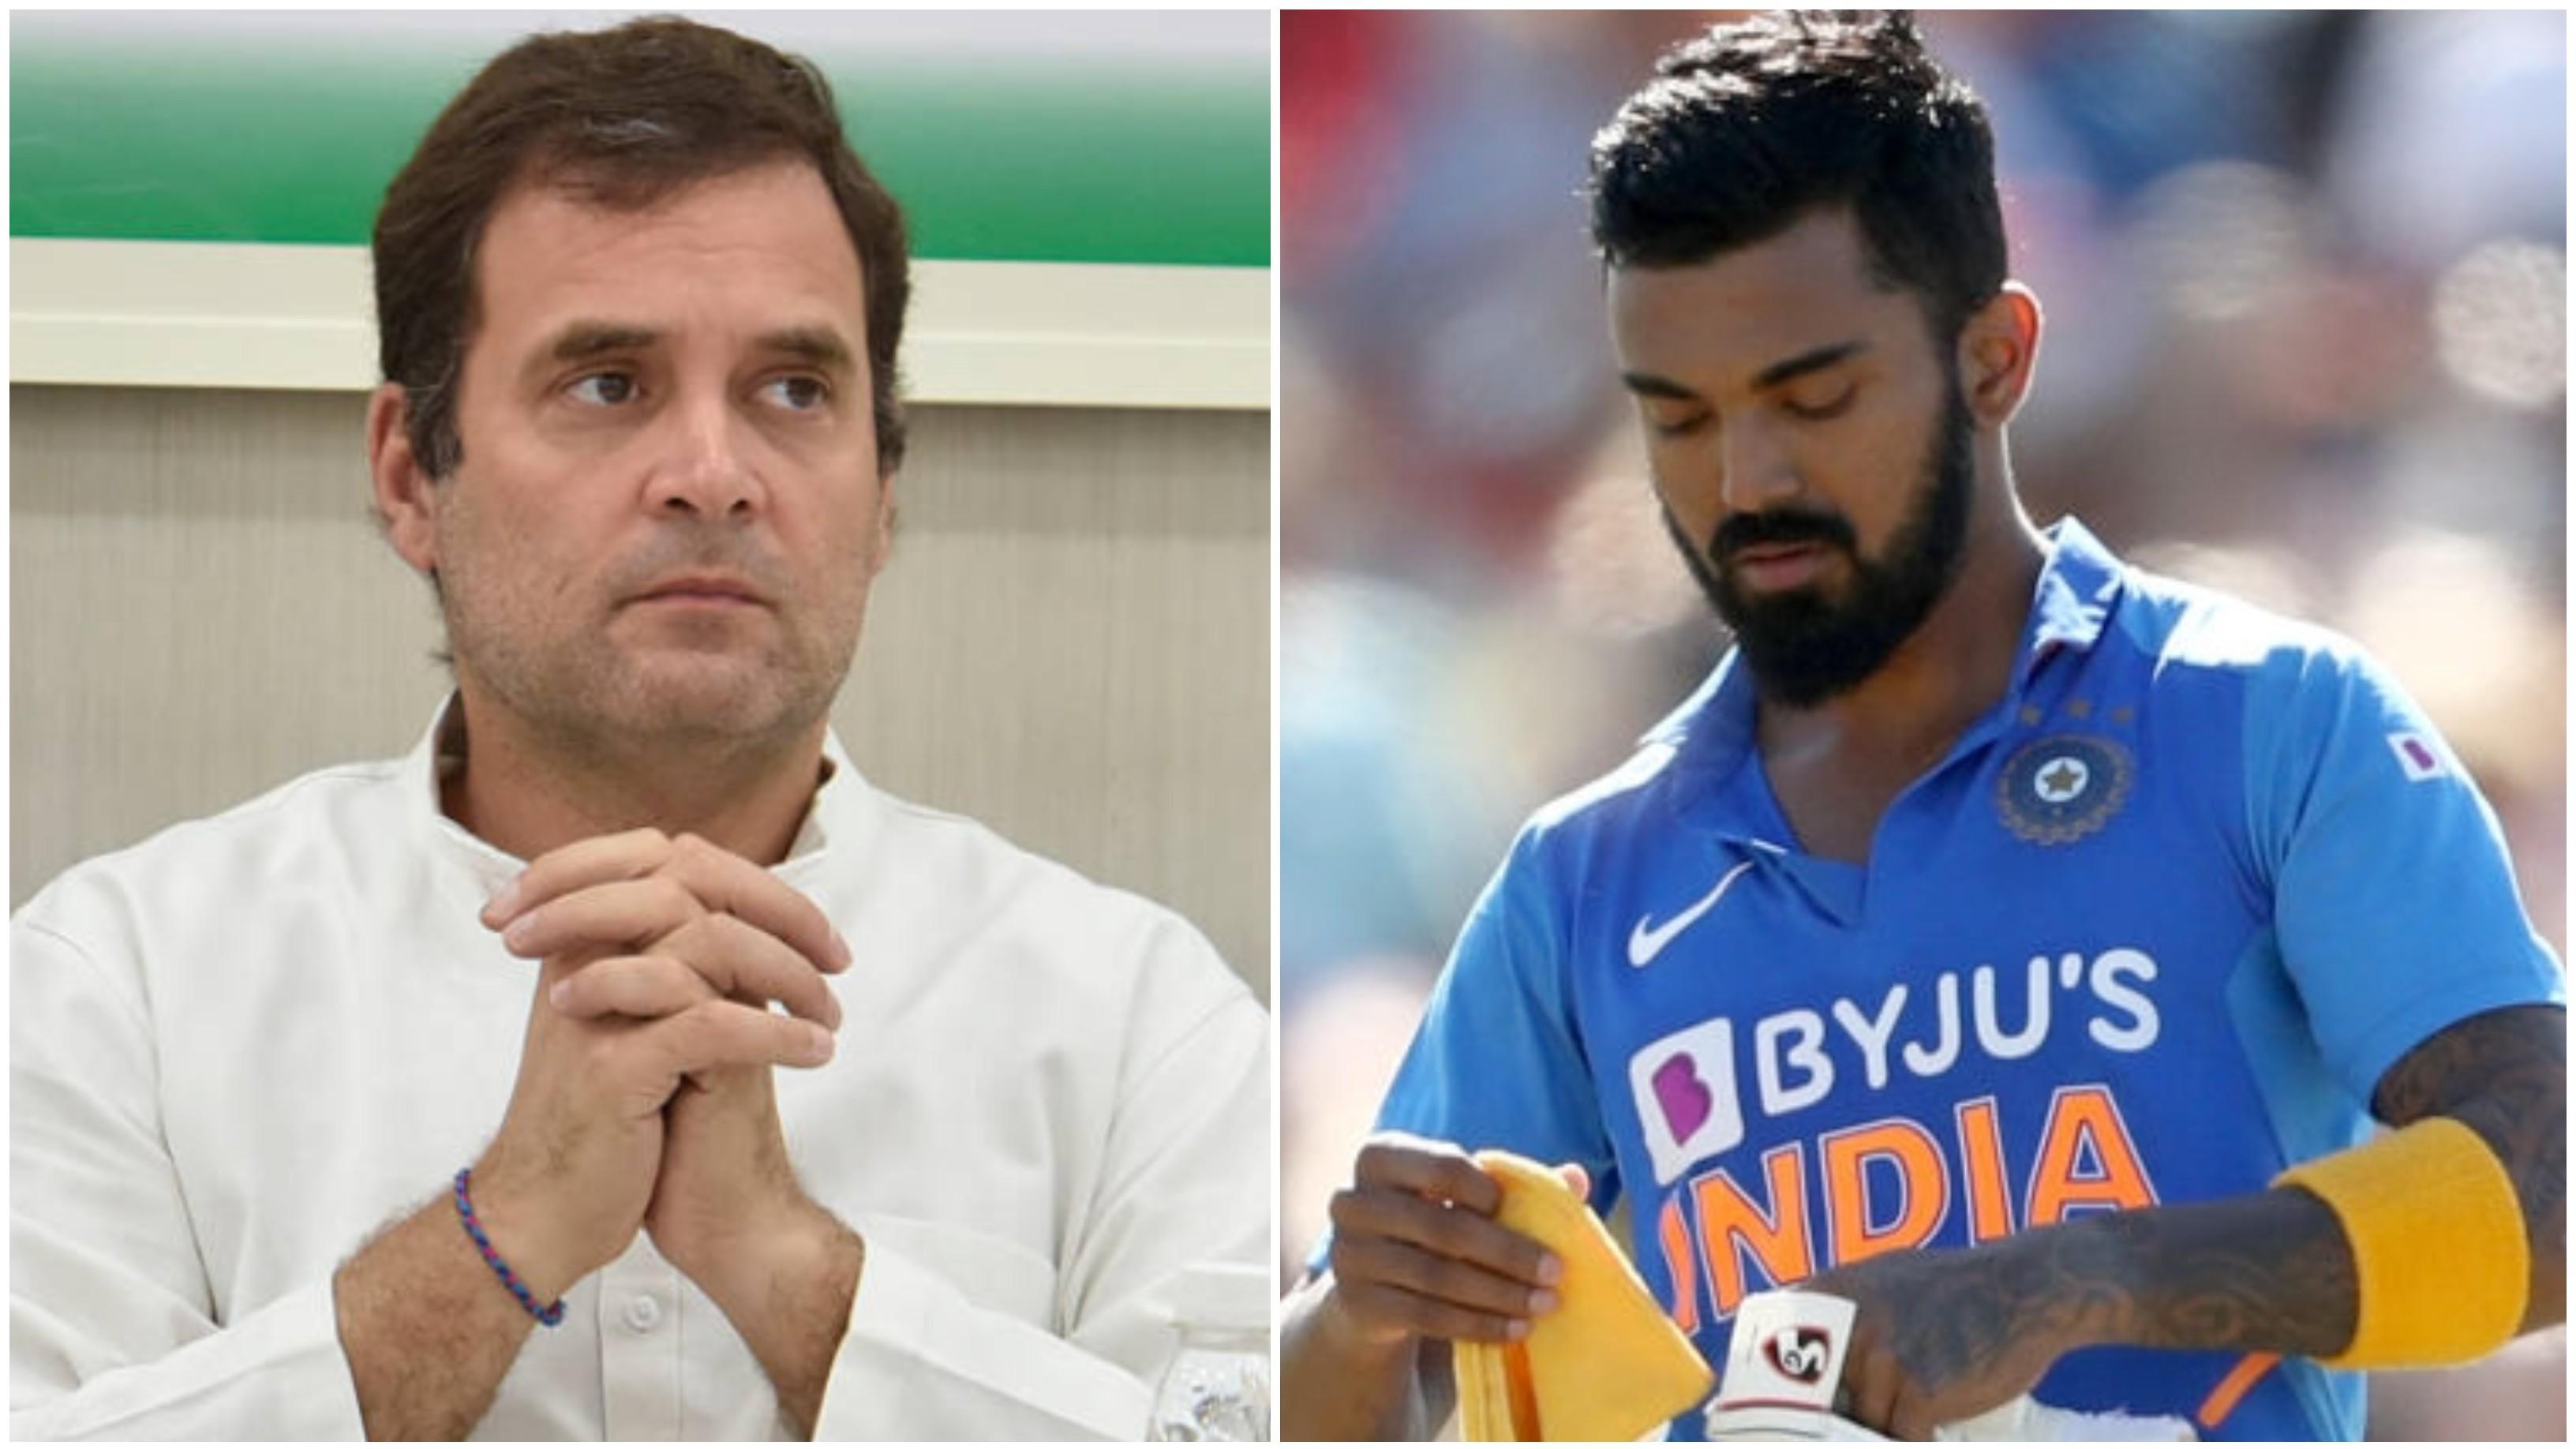 के एल राहुल द्वारा न्यूजीलैंड के खिलाफ शतक के बाद फैंस ने राहुल गाँधी को किया ट्रोल